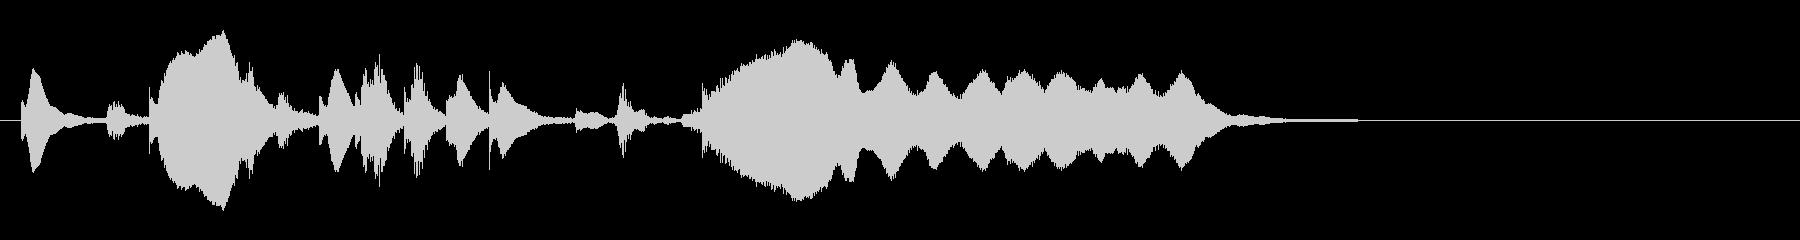 のほほんジングル022_ほのぼのの未再生の波形